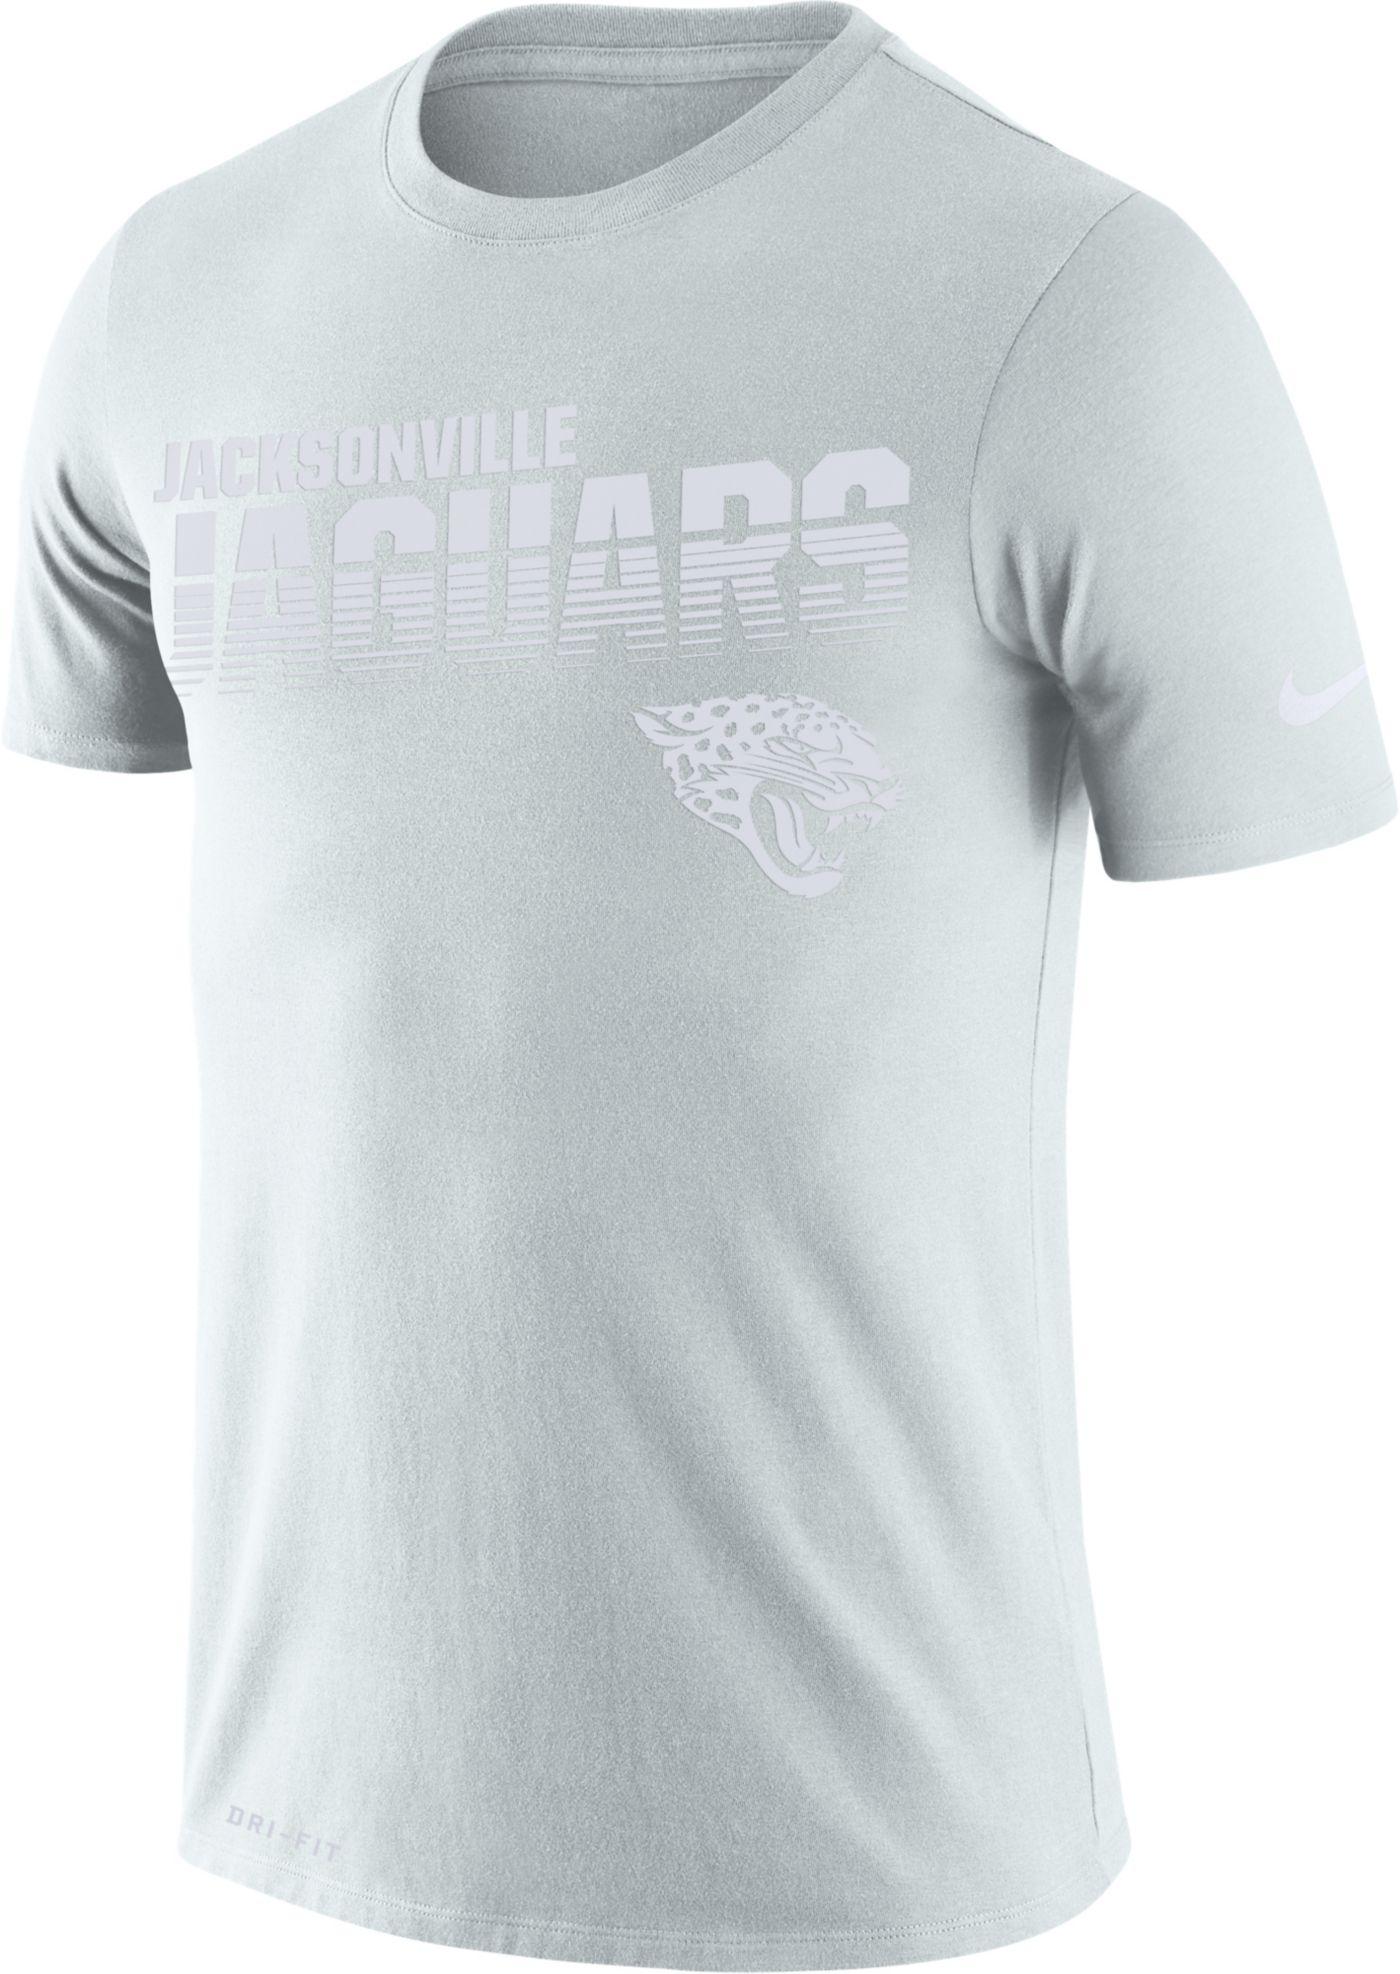 Nike Men's Jacksonville Jaguars 100th Sideline Legend Performance White T-Shirt